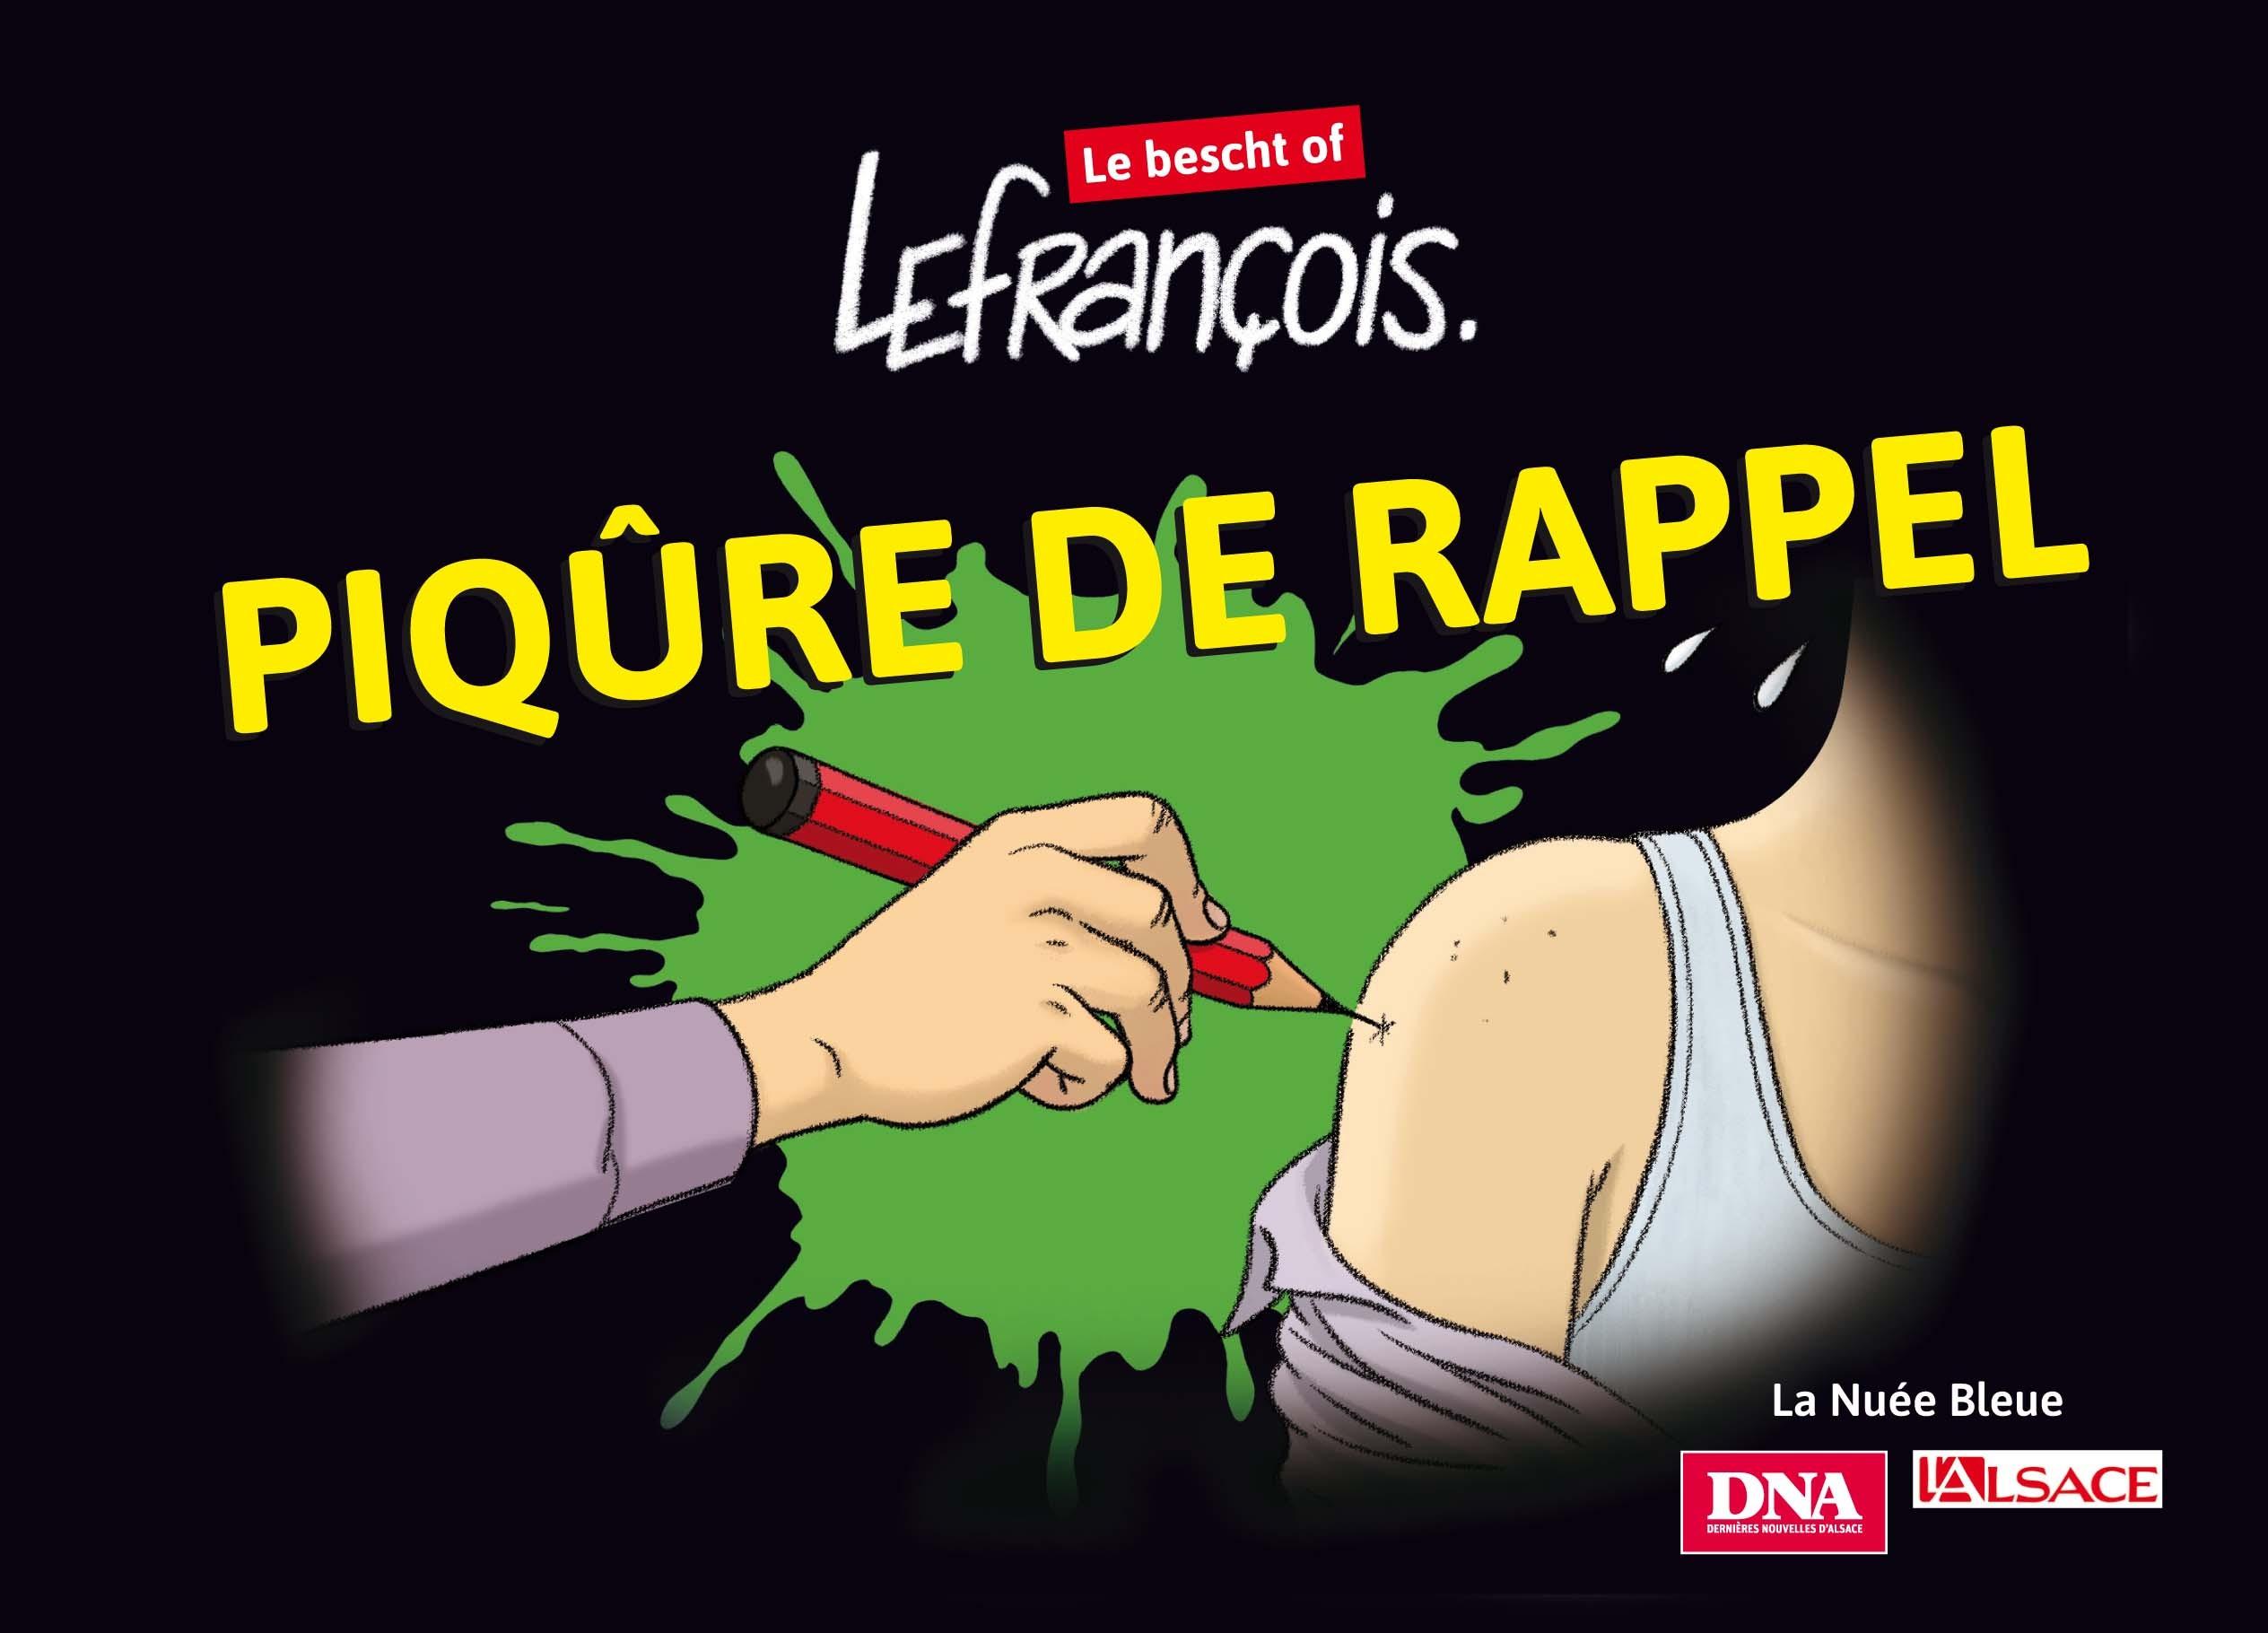 Piqûre de rappel : Lefrançois le Bescht of !